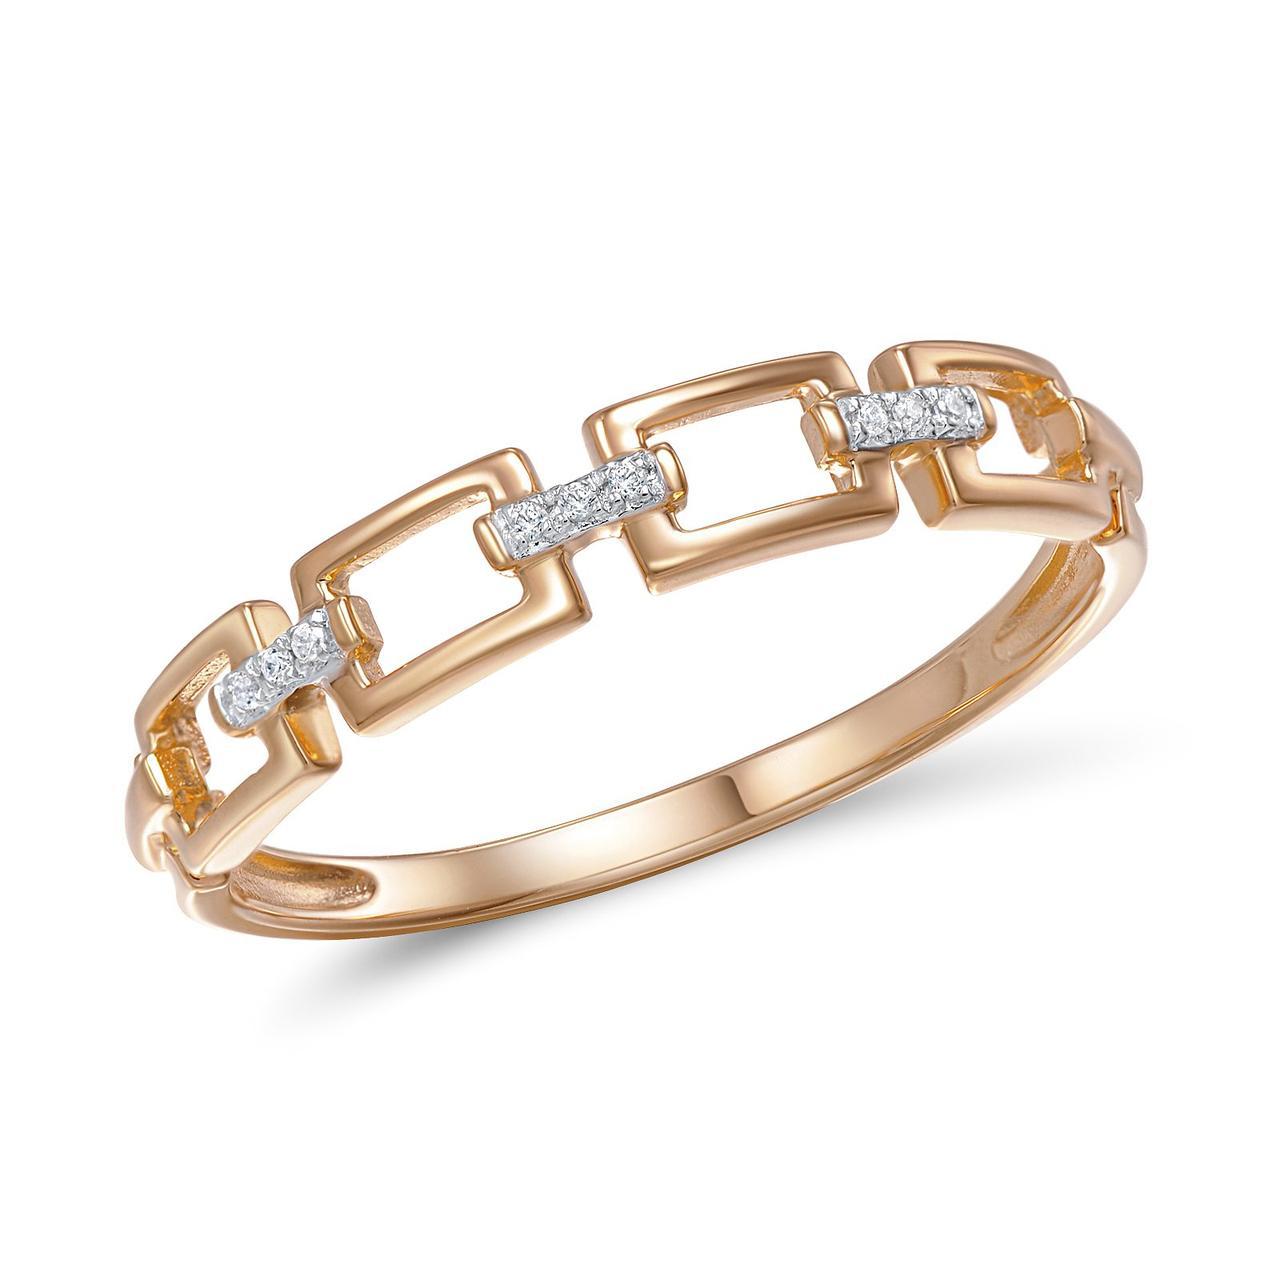 Золотое кольцо с бриллиантами, размер 16.5 (269065)